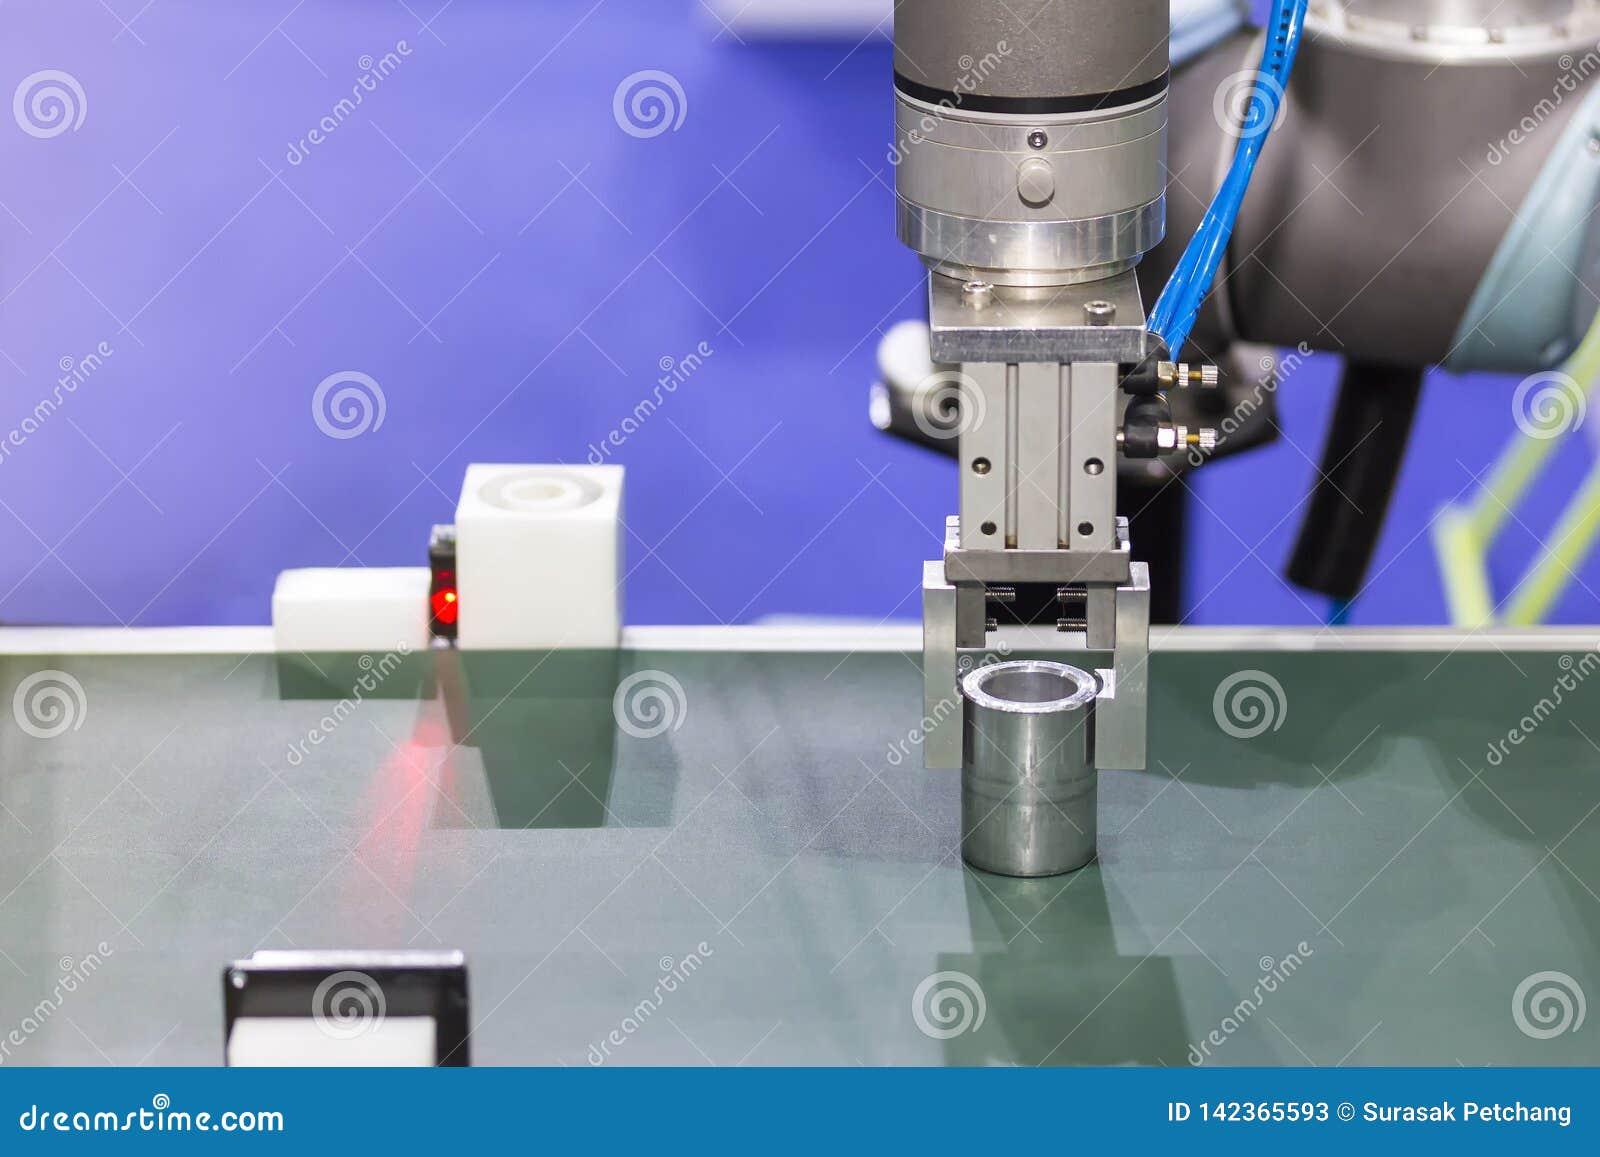 Πιάσιμο ρομπότ υψηλής τεχνολογίας και ακρίβειας για το προϊόν σύλληψης στη διαδικασία παραγωγής